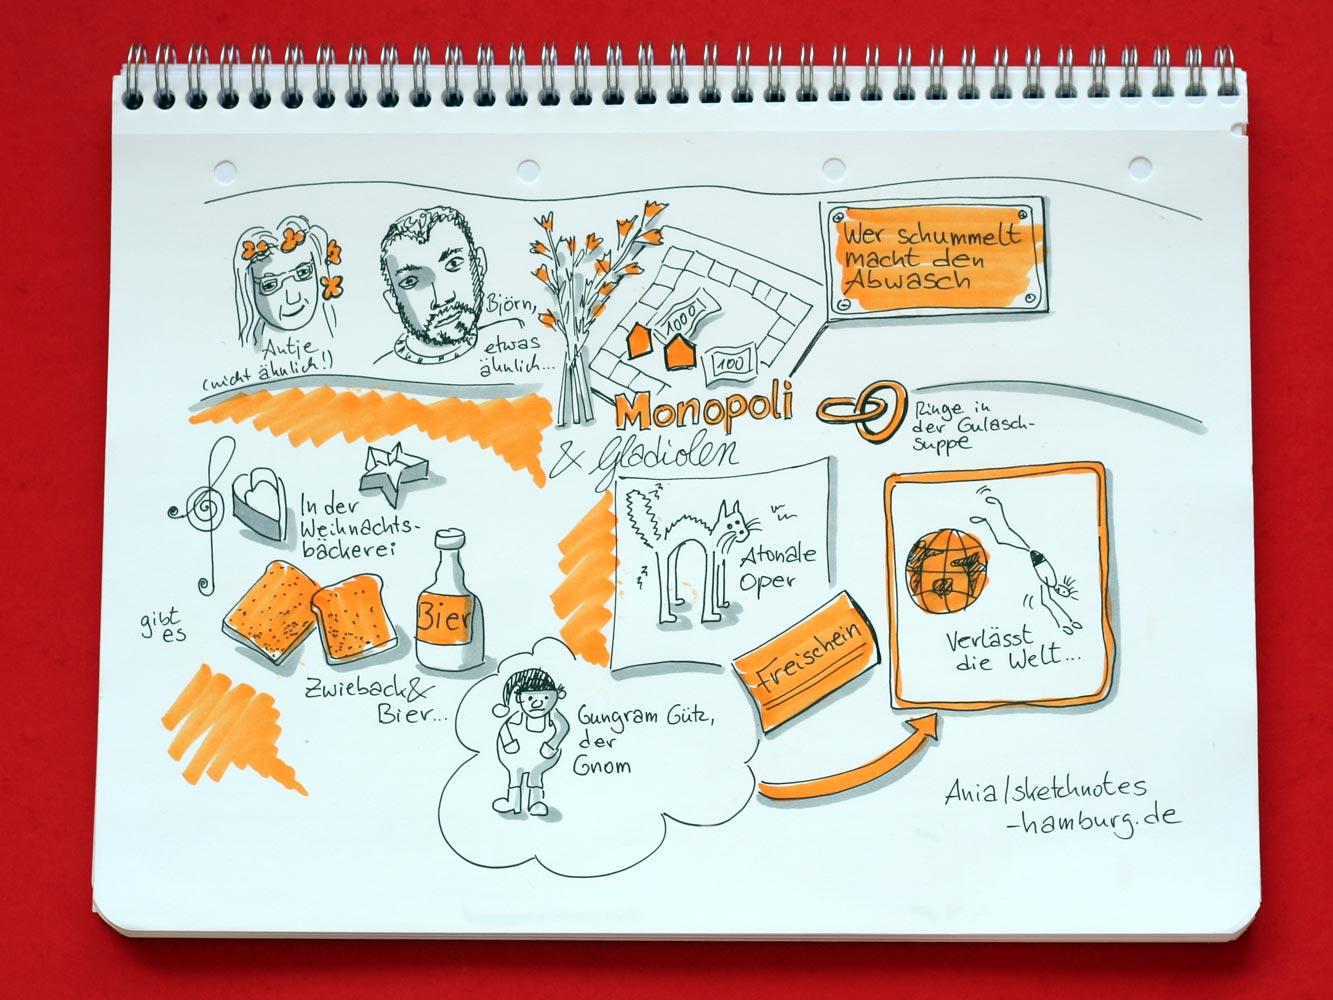 Antje und Björn kamen auf die Bühne und mussten Sätze ergänzen: Es ging um Gulasch, Gladiolen und Monopoly, während ein Gnom in der Weihnachtsbäckerei Zwieback und Bier verzehren sollte … © Sketchnotes und Fotos: Ania Groß